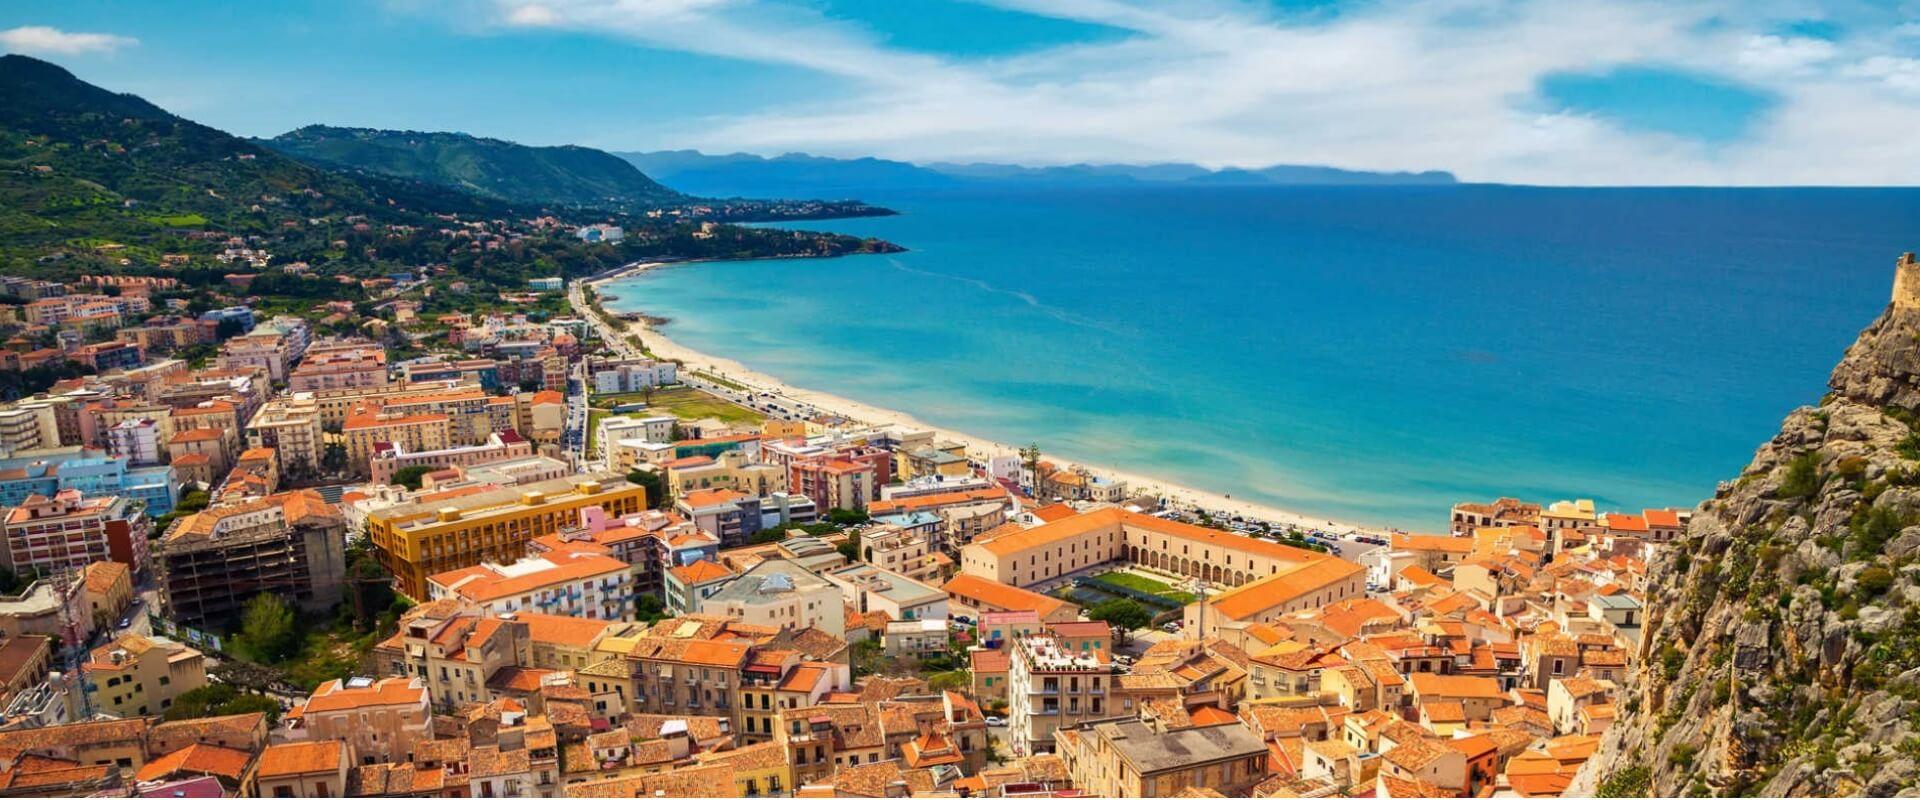 Magic South Italy